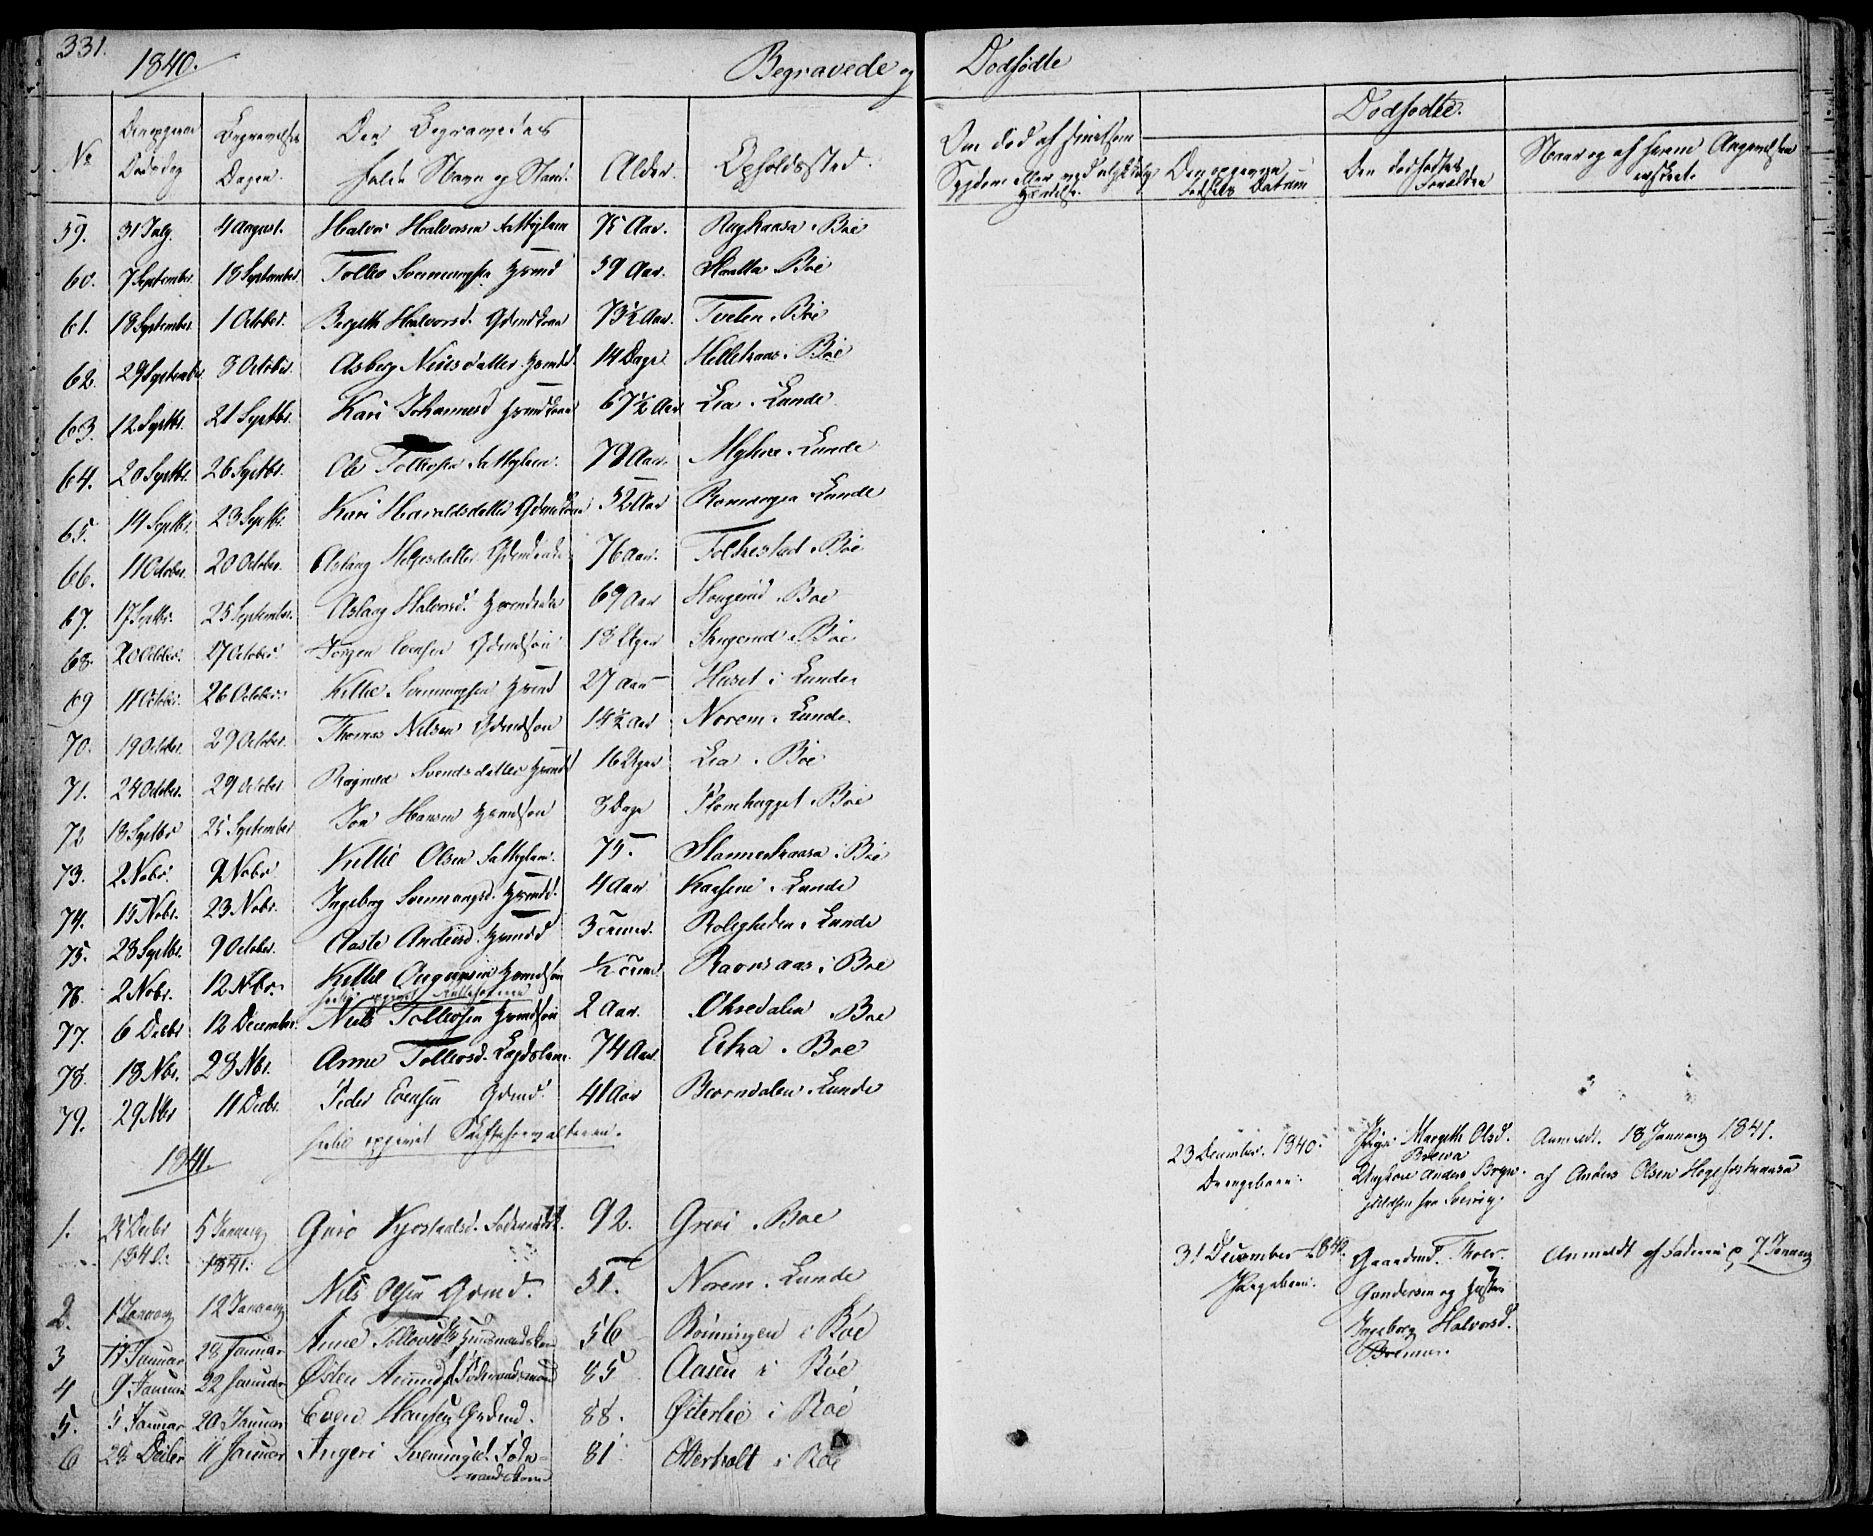 SAKO, Bø kirkebøker, F/Fa/L0007: Ministerialbok nr. 7, 1831-1848, s. 331